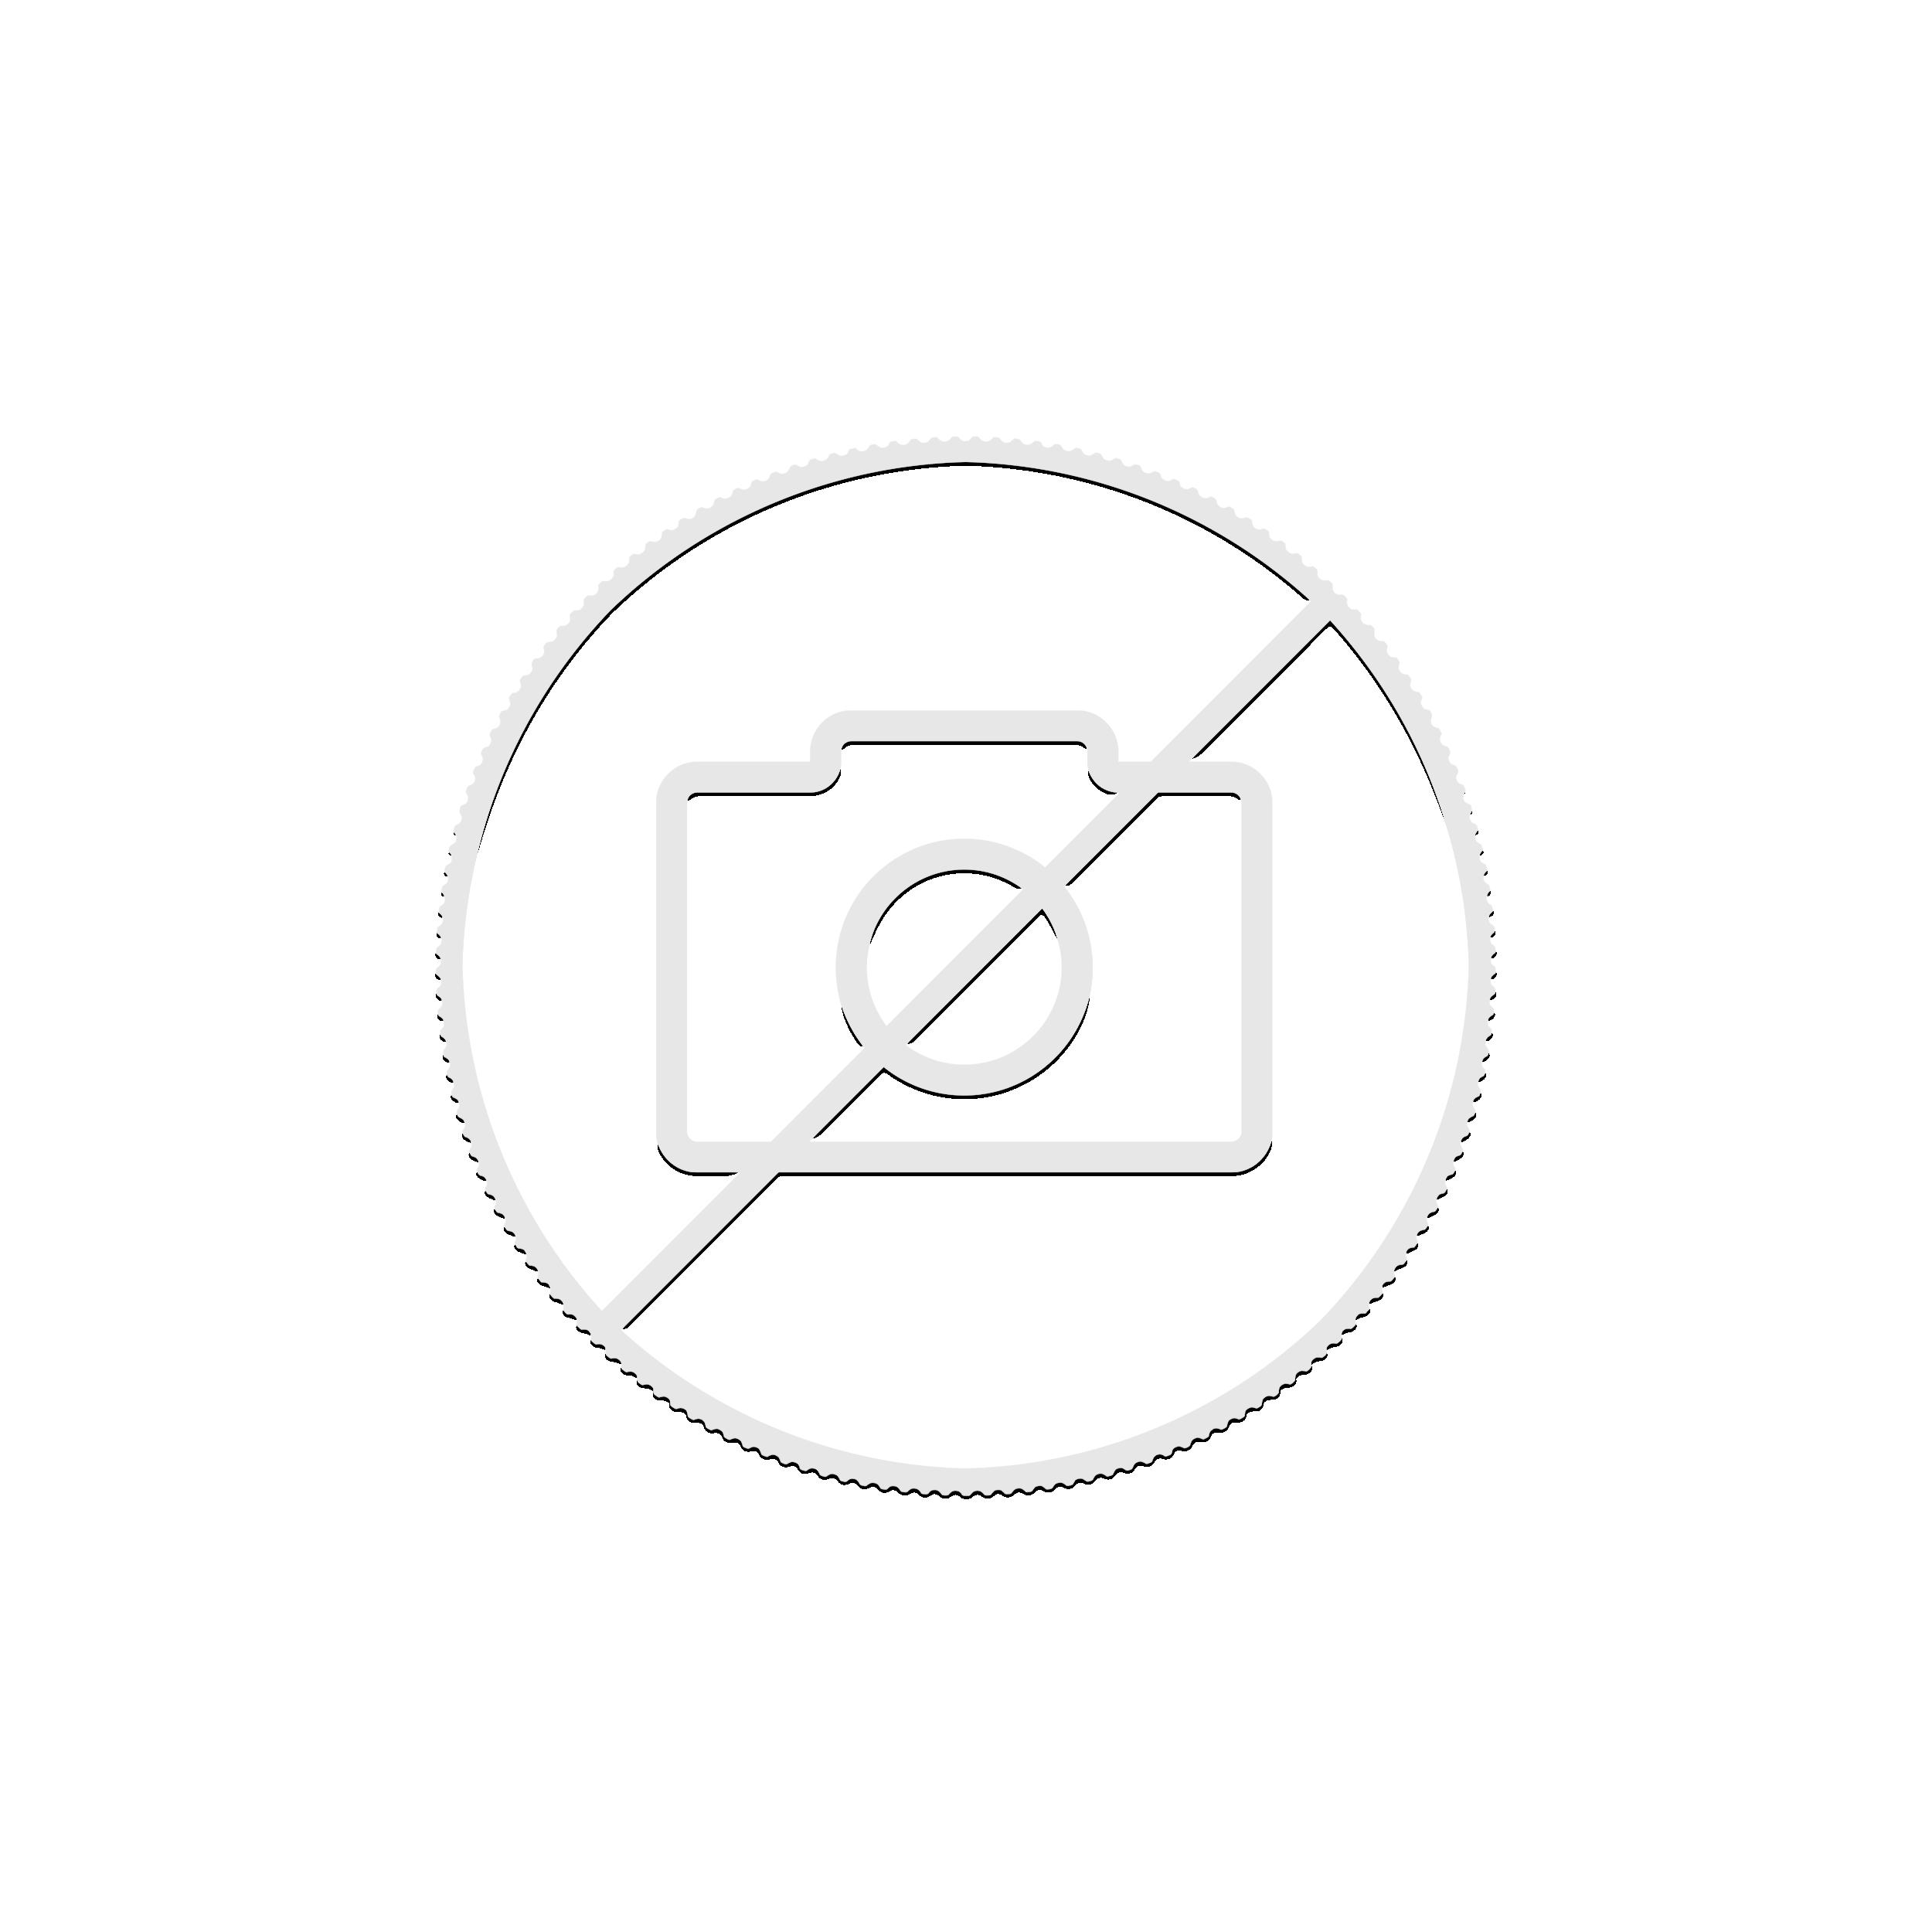 1 Troy ounce silver coin Pysanka Ei 2021 Proof